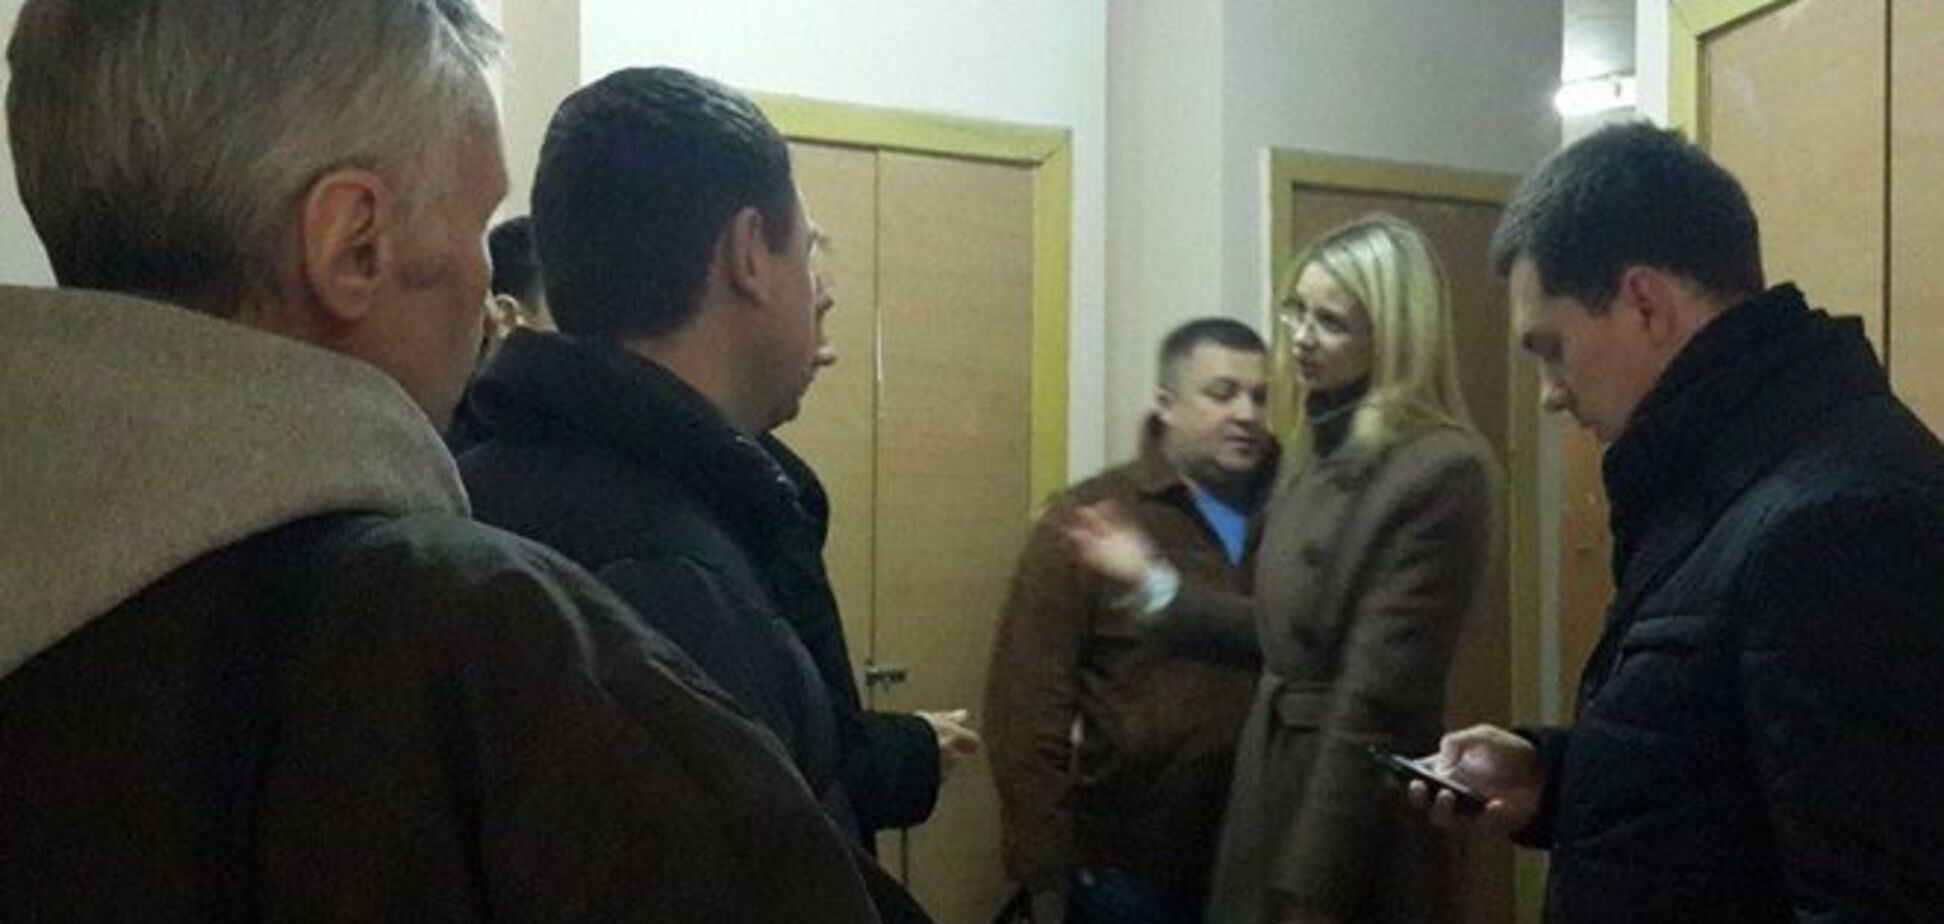 МВД: обыск у люстраторов из Минюста проводят по указанию министра, изъят жесткий диск